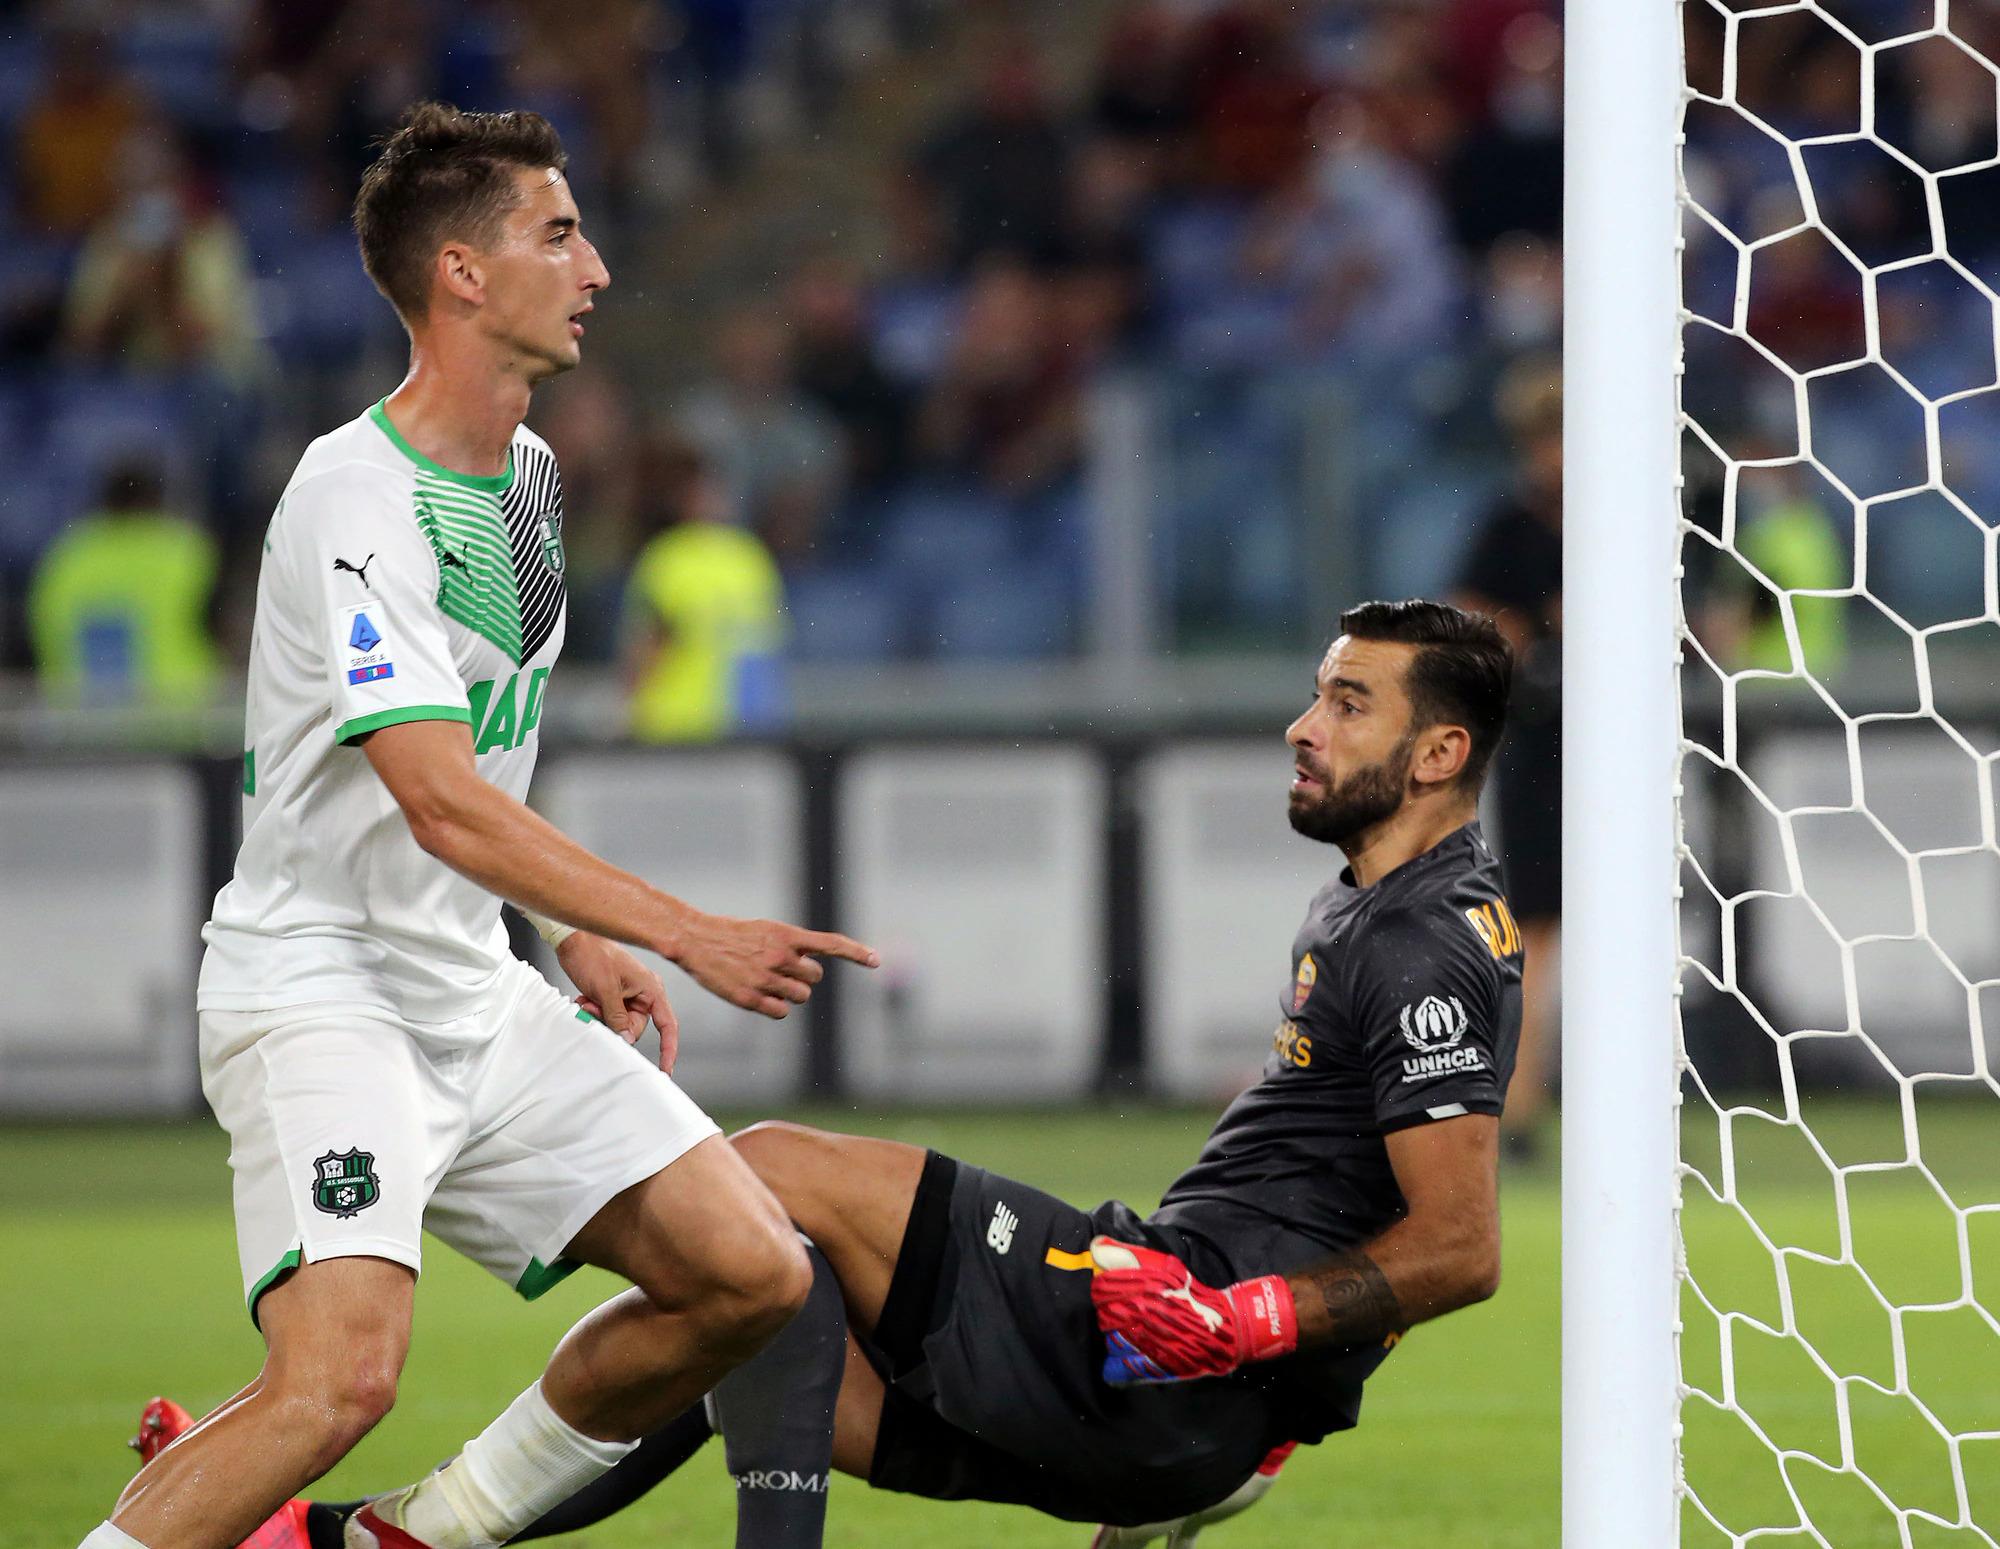 Roma trải qua những phút căng thẳng sau khi Sassuolo gỡ hoà 1-1 ở đầu hiệp hai. Ảnh: CdS